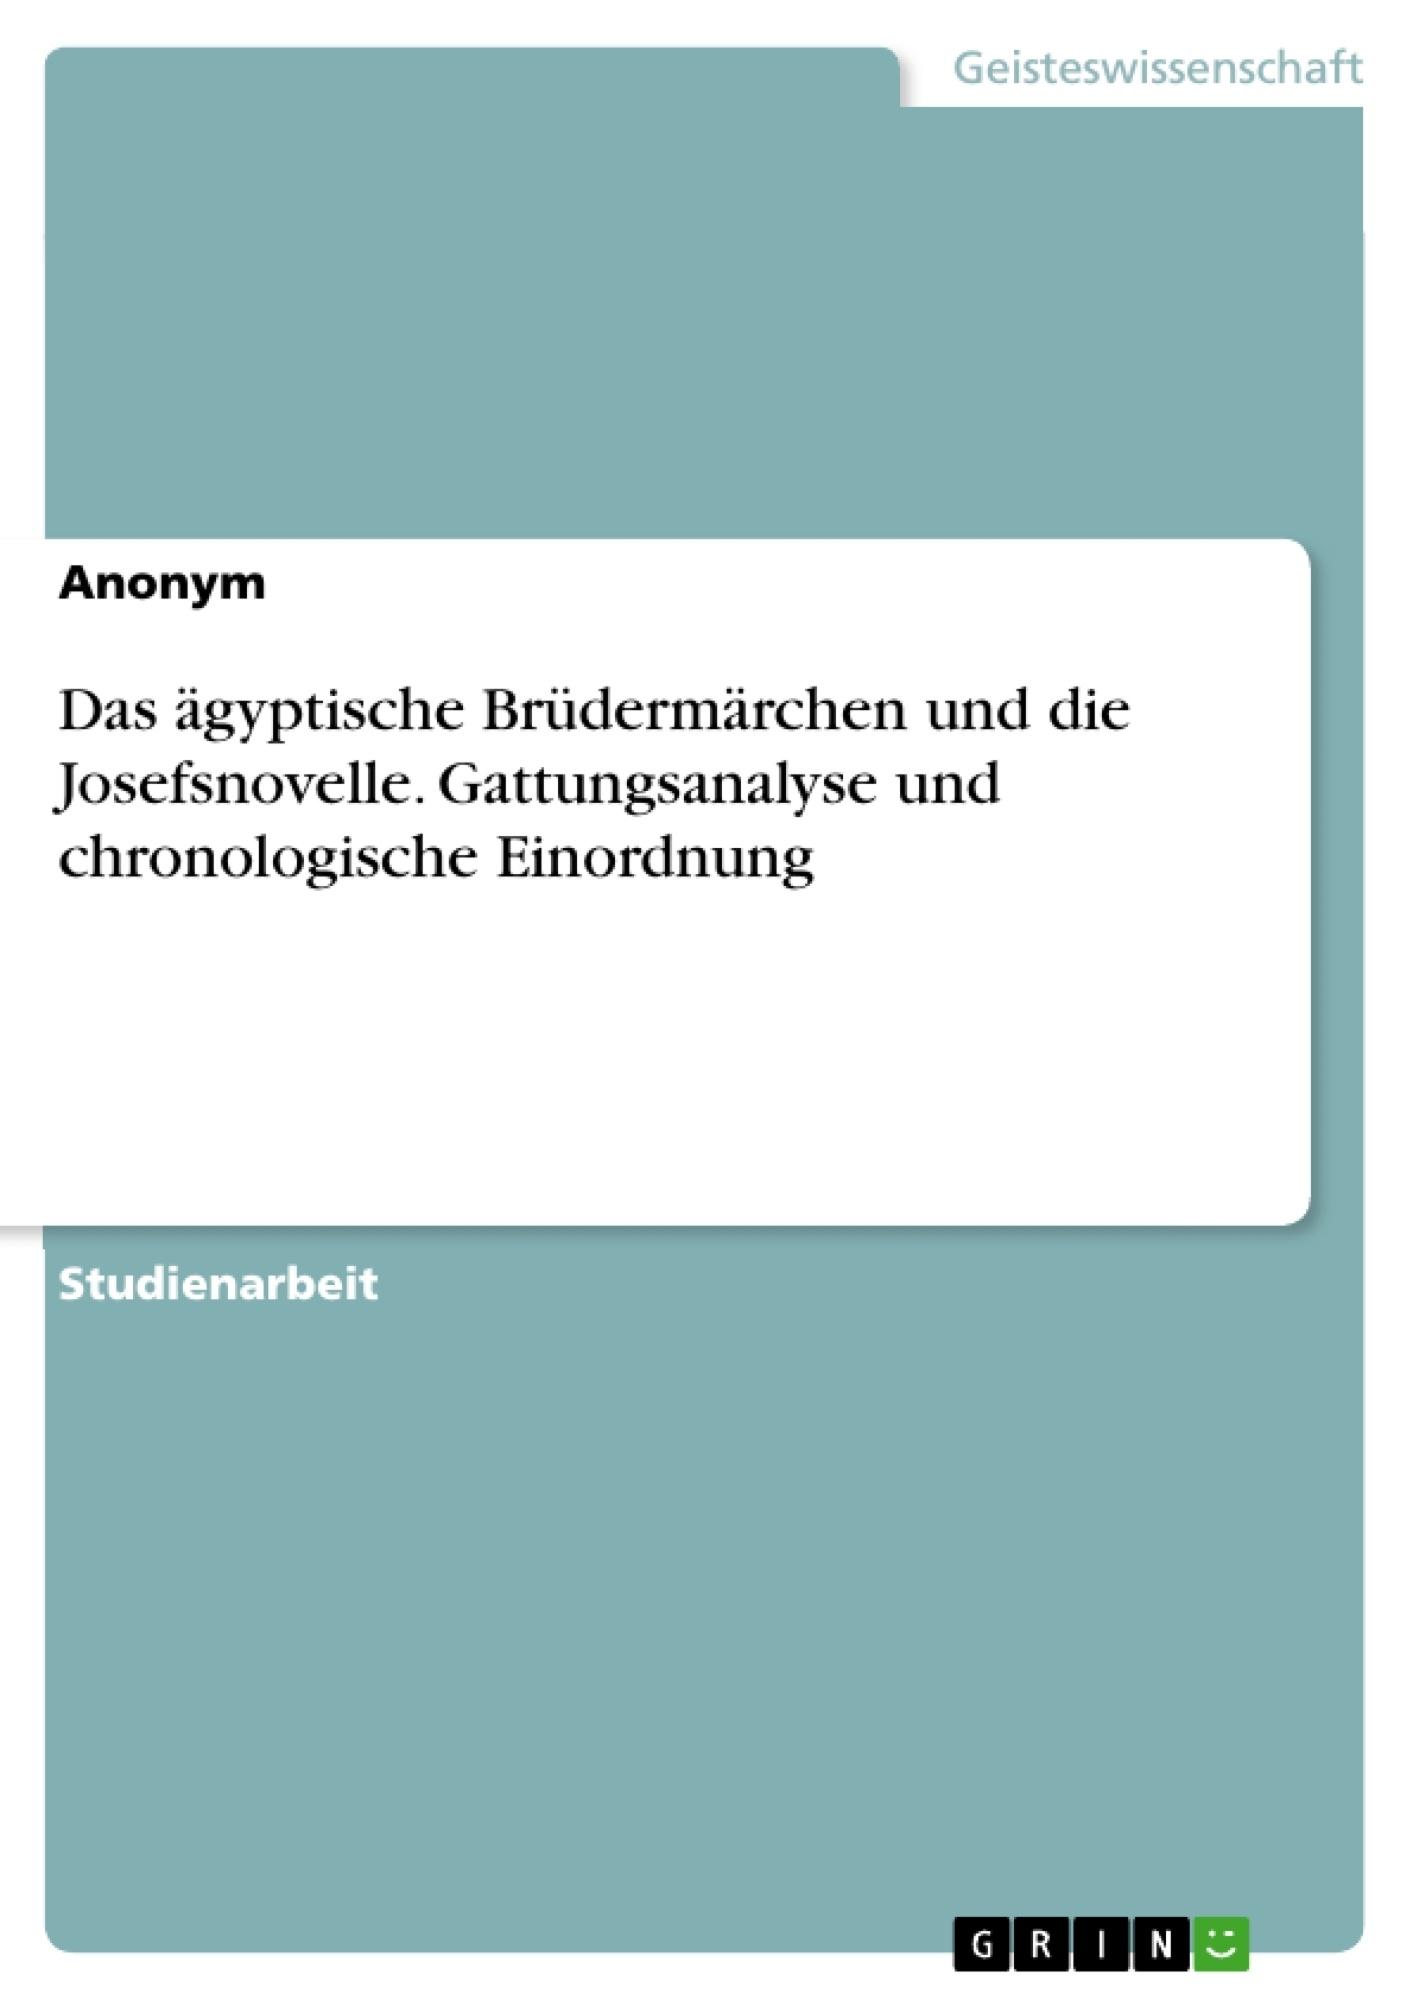 Titel: Das ägyptische Brüdermärchen und die Josefsnovelle. Gattungsanalyse und chronologische Einordnung